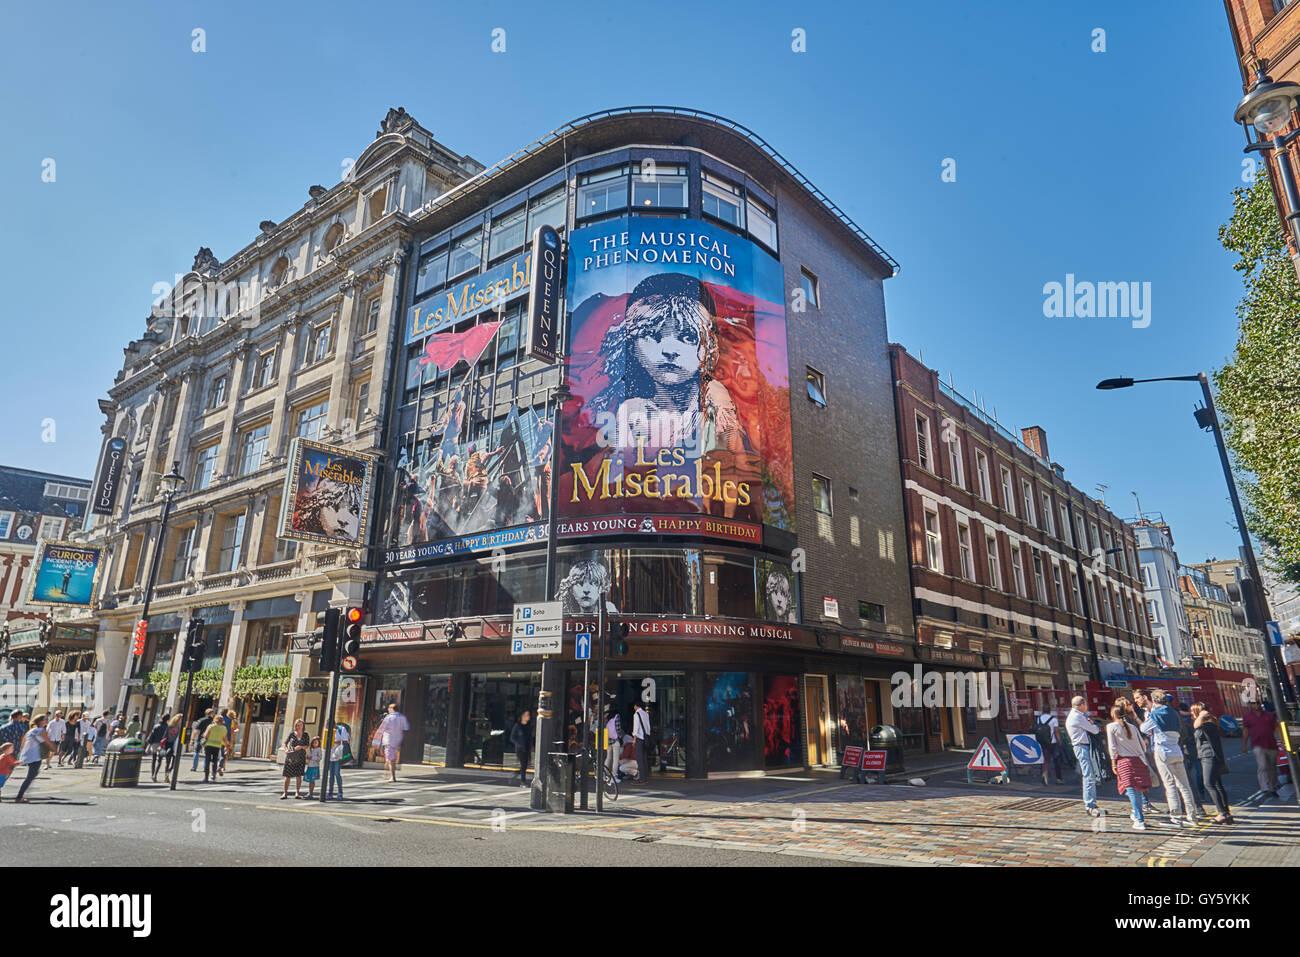 Les Miserables  theatre, London - Stock Image